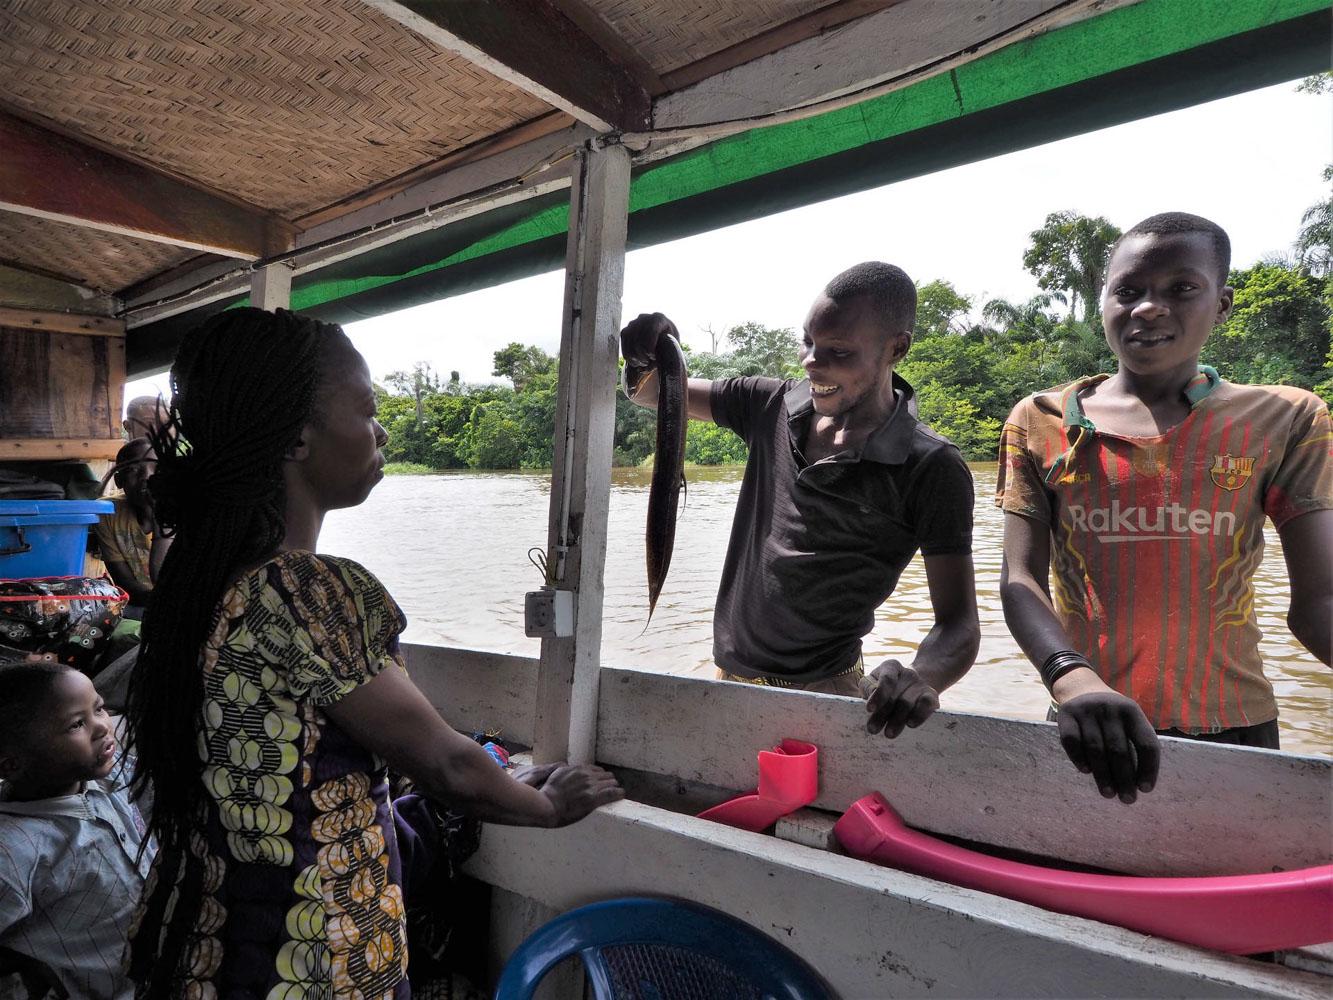 食事は「コンゴであることを思えば・・・」美味しい。16日間、全食事を船内でコックが作ってくれた・・・(道祖)神レベル。食材はコンゴ川漁師が、丸木舟で売りに来る。